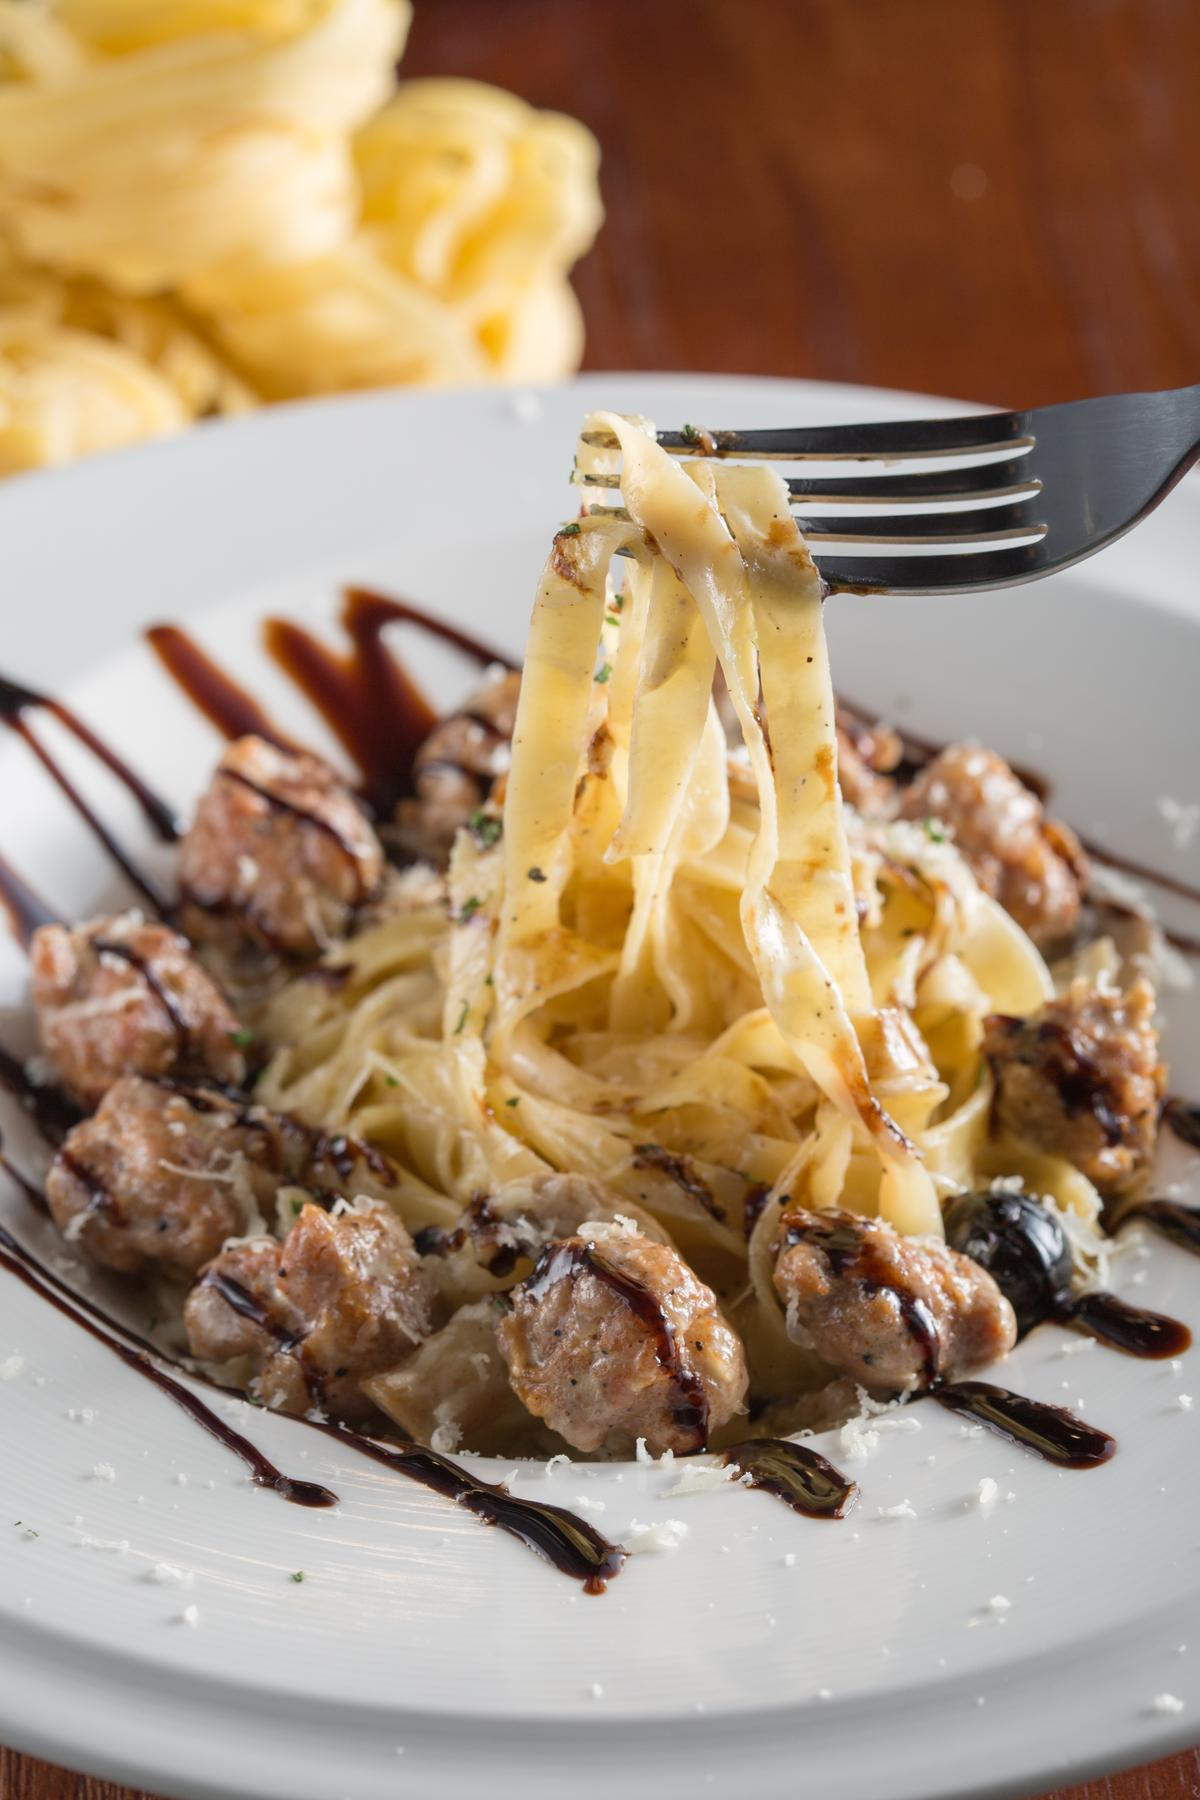 「義式臘腸奶油麵」麵條吸附濃郁醬汁,搭配鹹香香腸,並以巴薩米克醋提味。(260元/份)